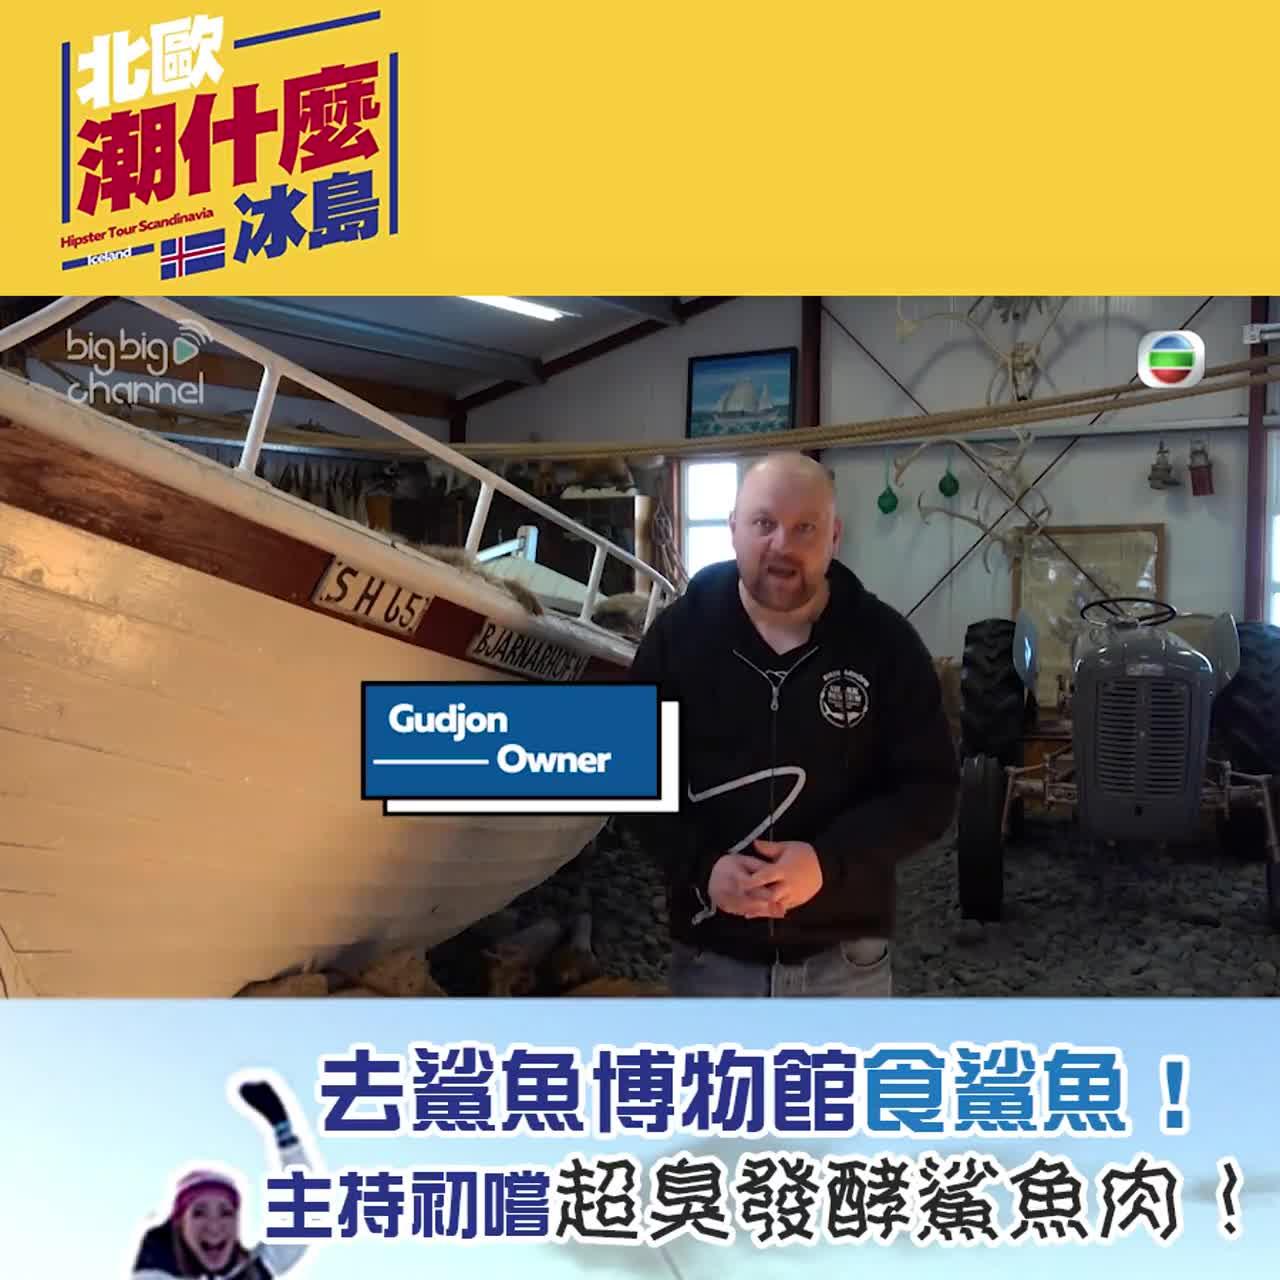 去鯊魚博物館食鯊魚!主持初嚐超臭發酵鯊魚肉!